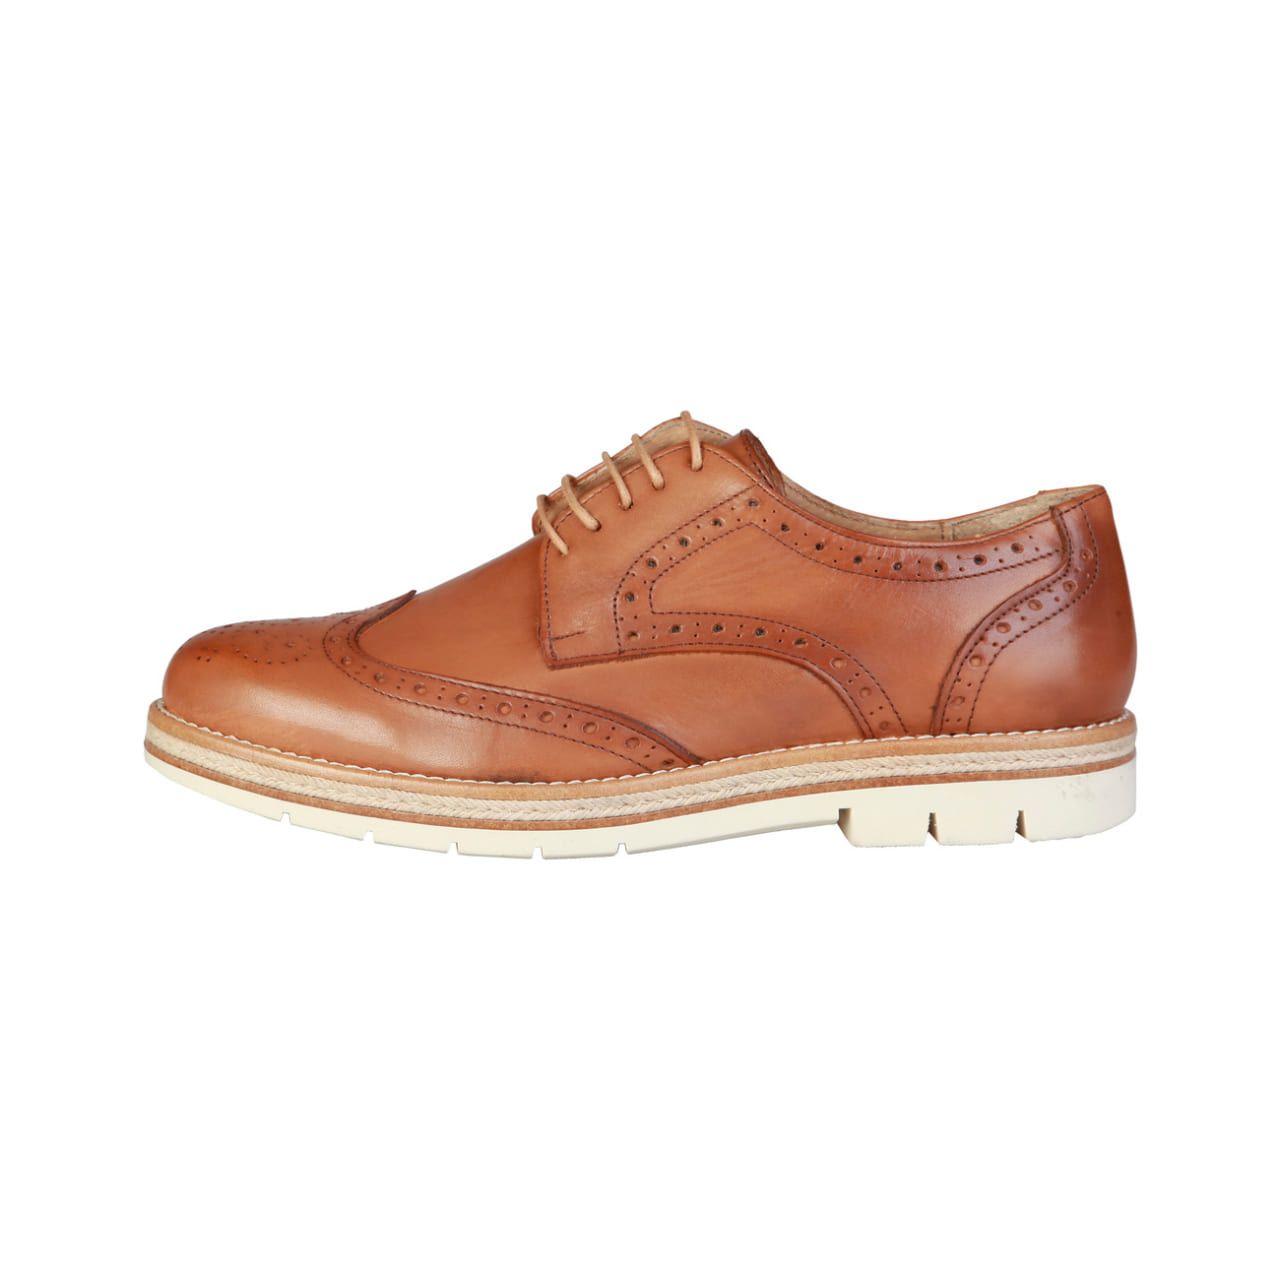 Fila Pierre Cardin Disruptor 2 Sneaker